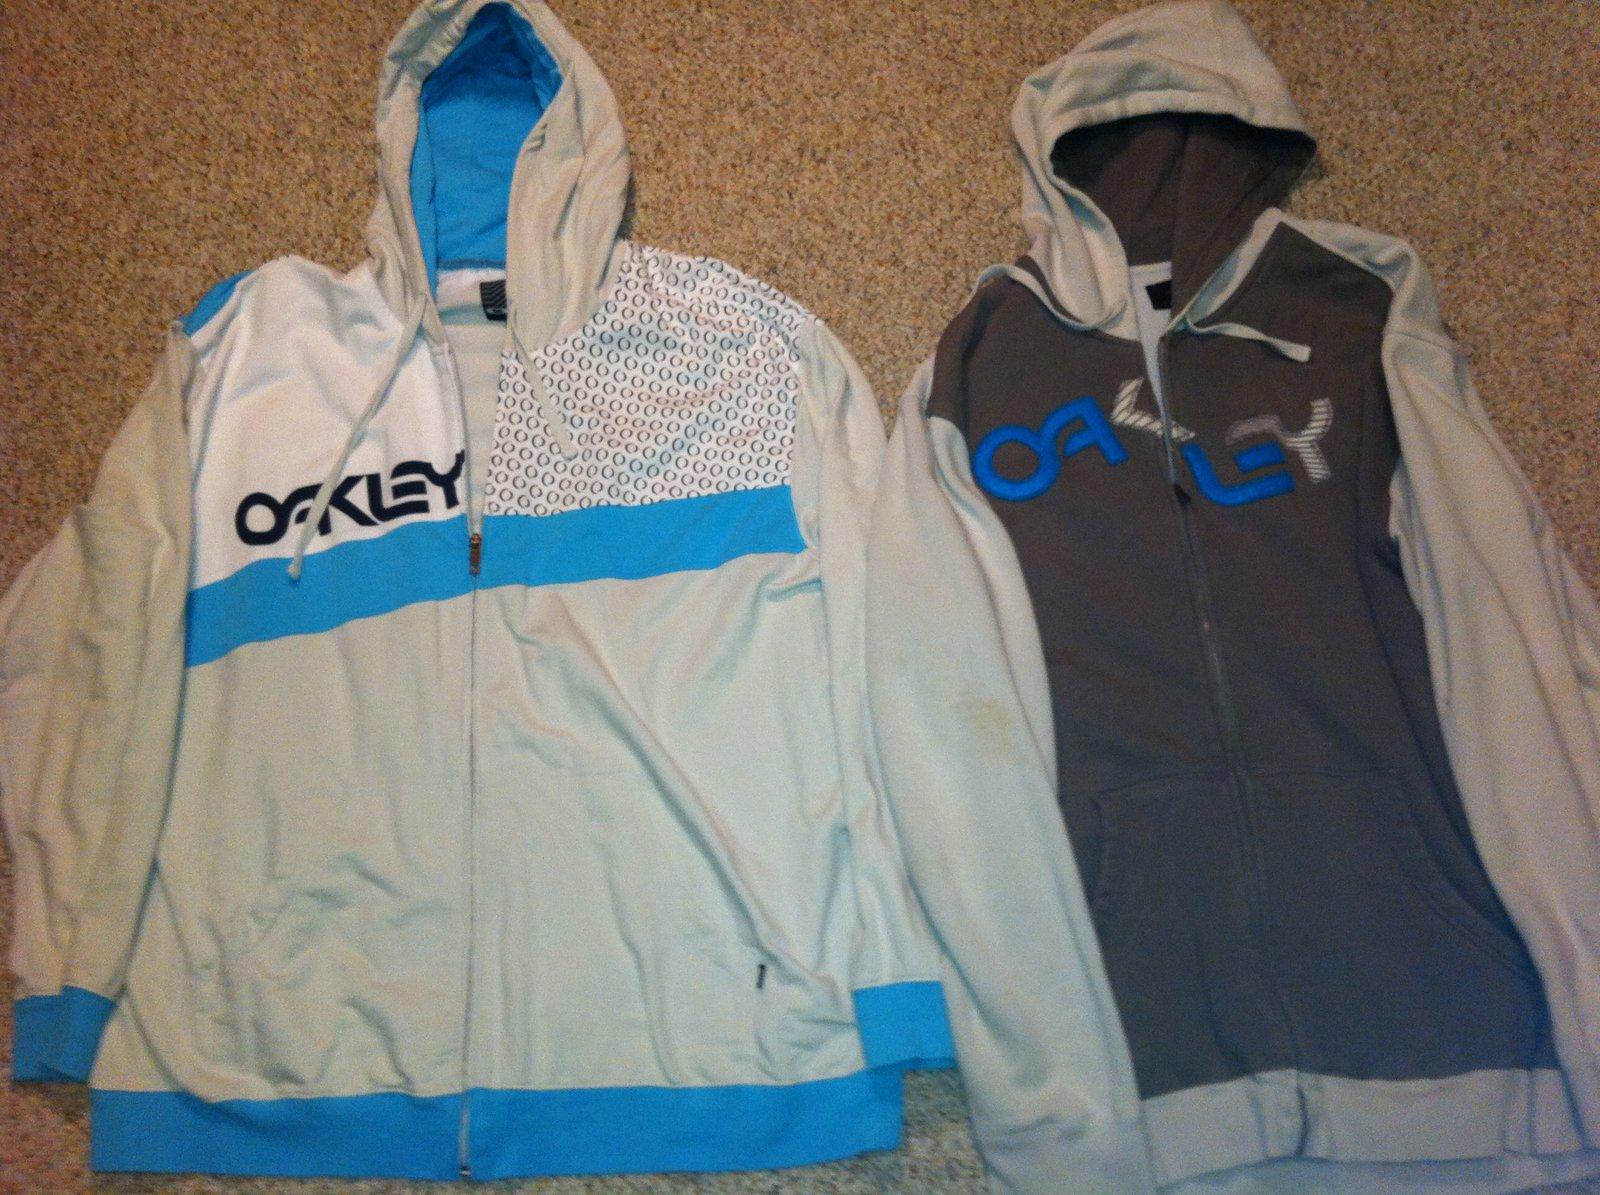 Oakley hoodies